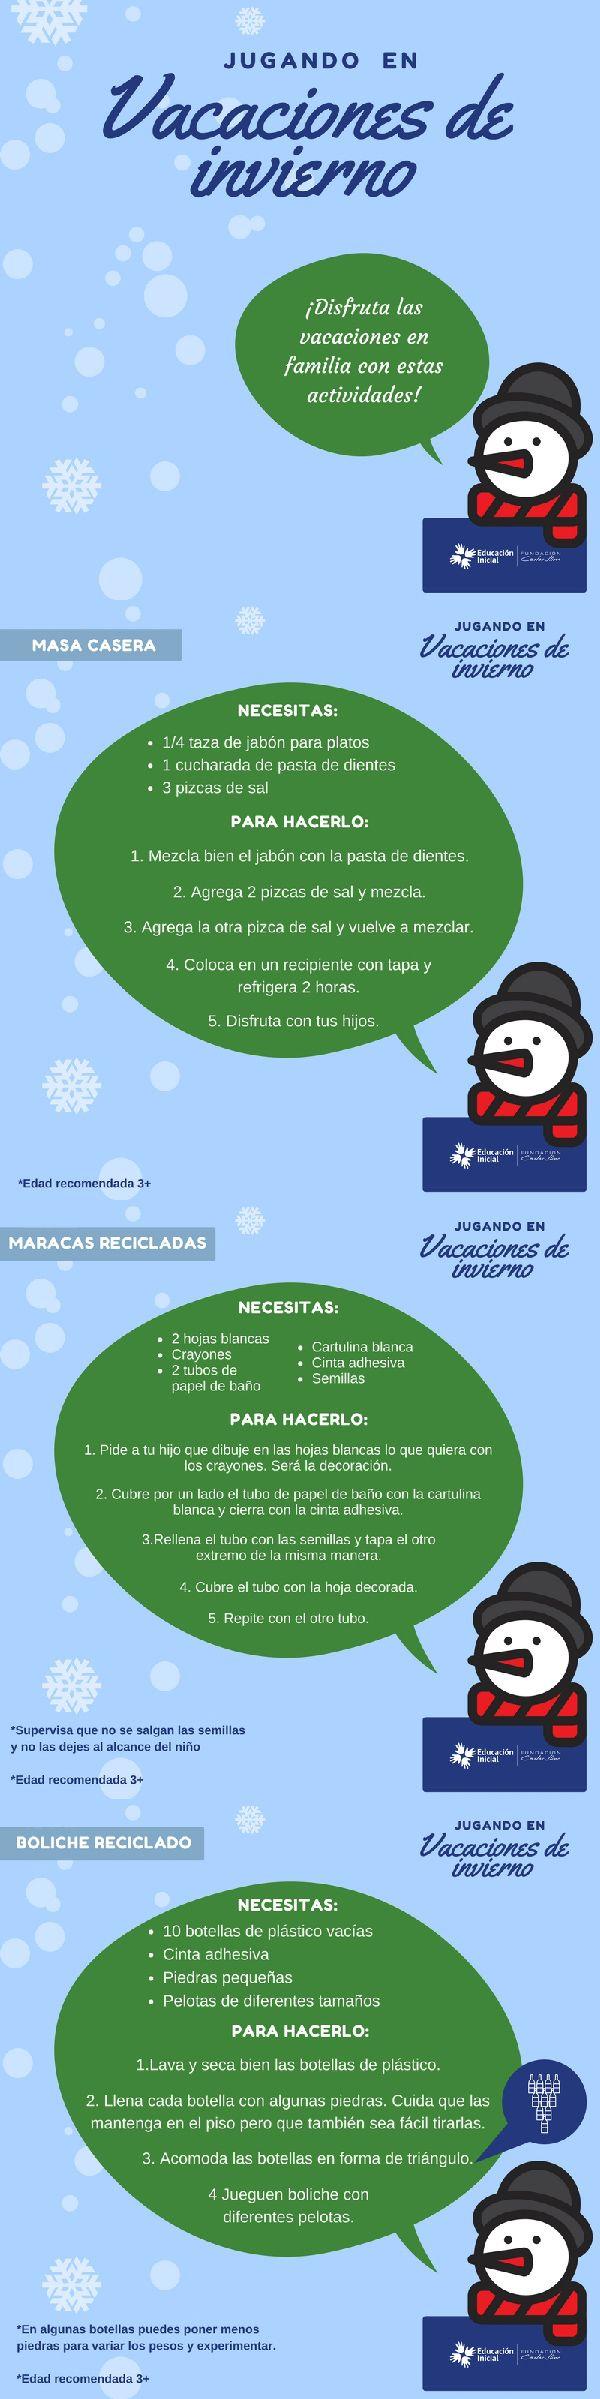 ¿Buscando #actividades para las #Vacaciones? #Niños #Juegos #Reciclados #Juguetes